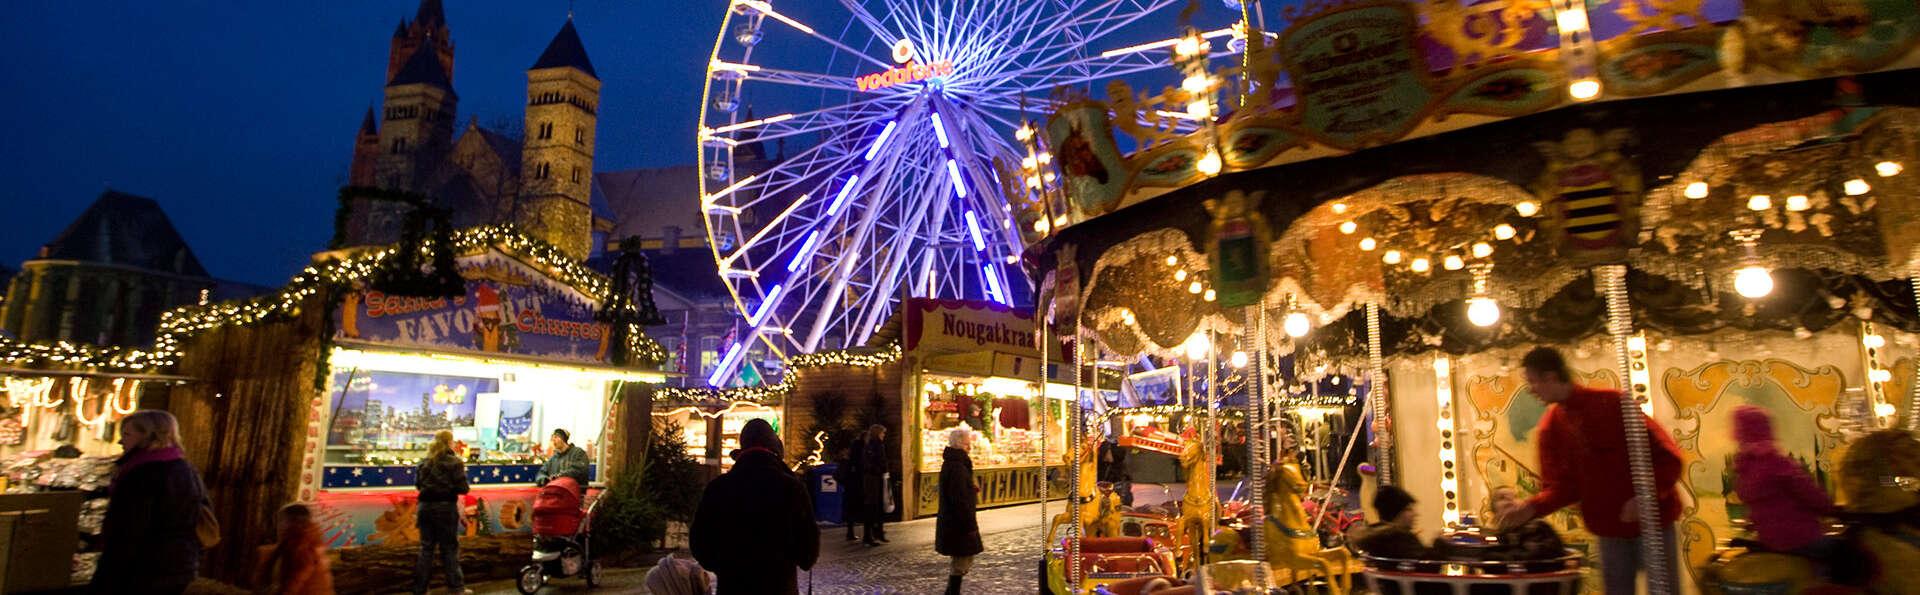 Shopping de Noël et diner à Maastricht, réputée pour son abondance (à partir de 2 nuits)